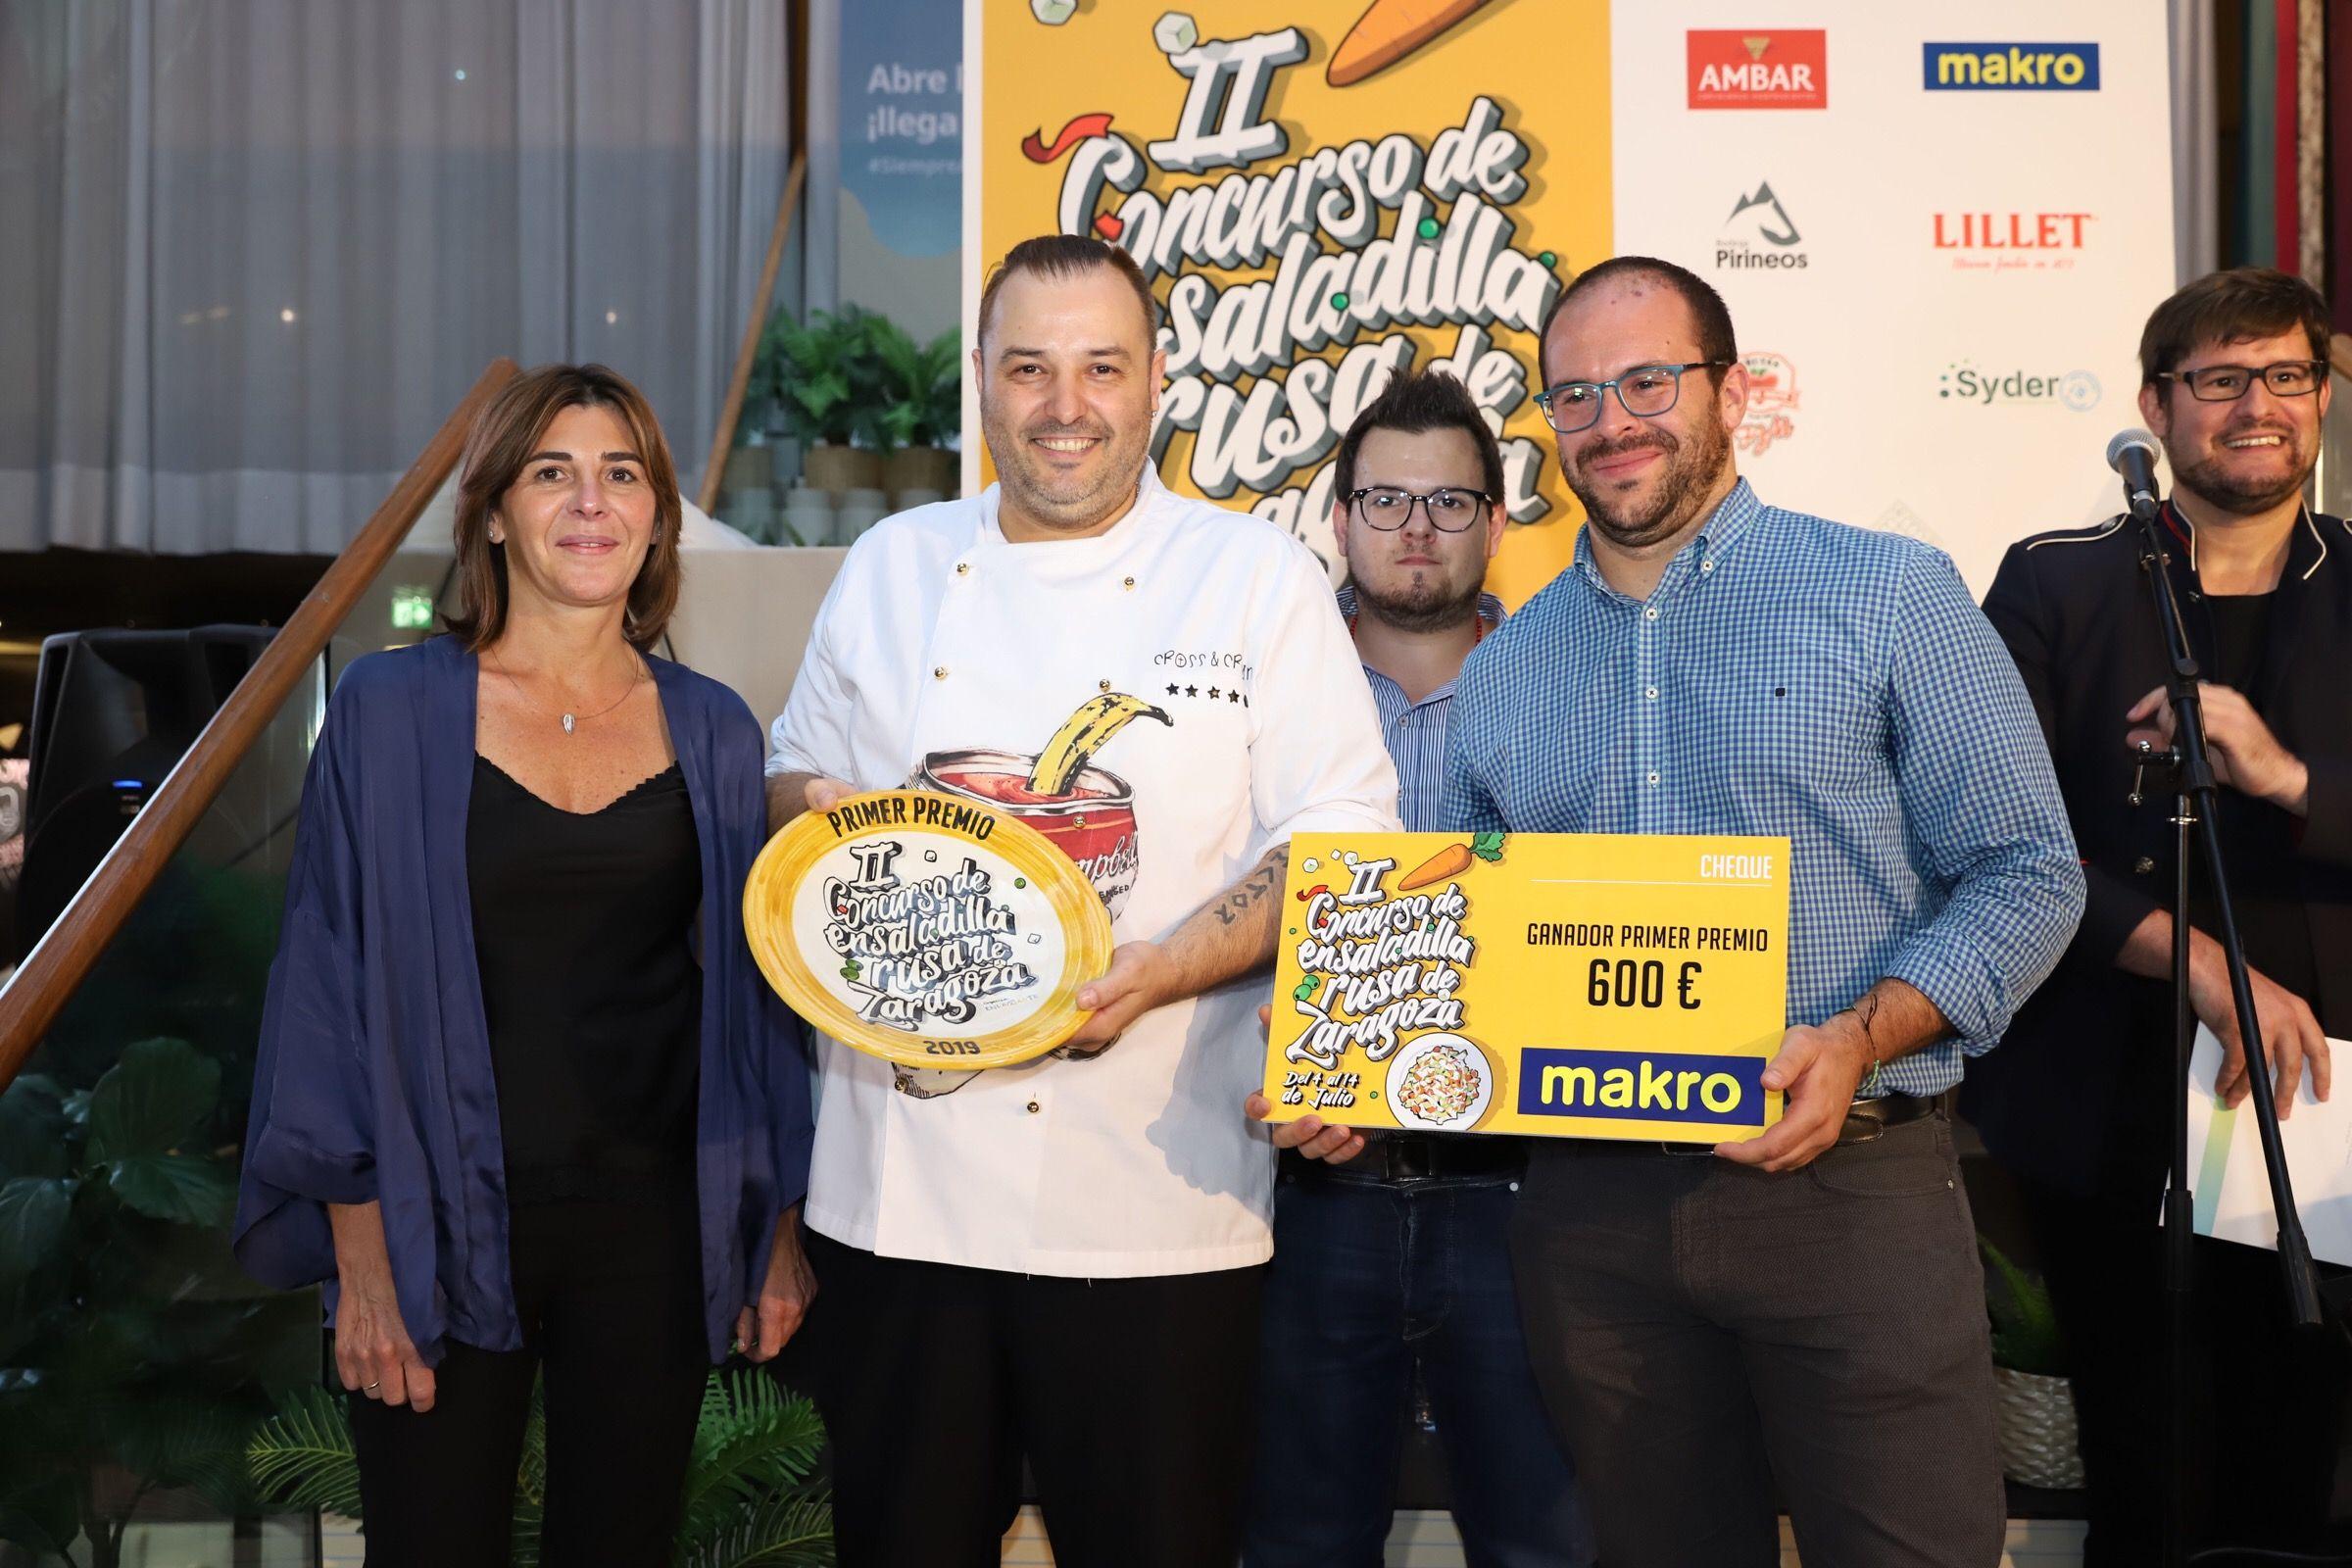 El restaurante La Torre Plaza tiene la Mejor Ensaladilla Rusa de Zaragoza